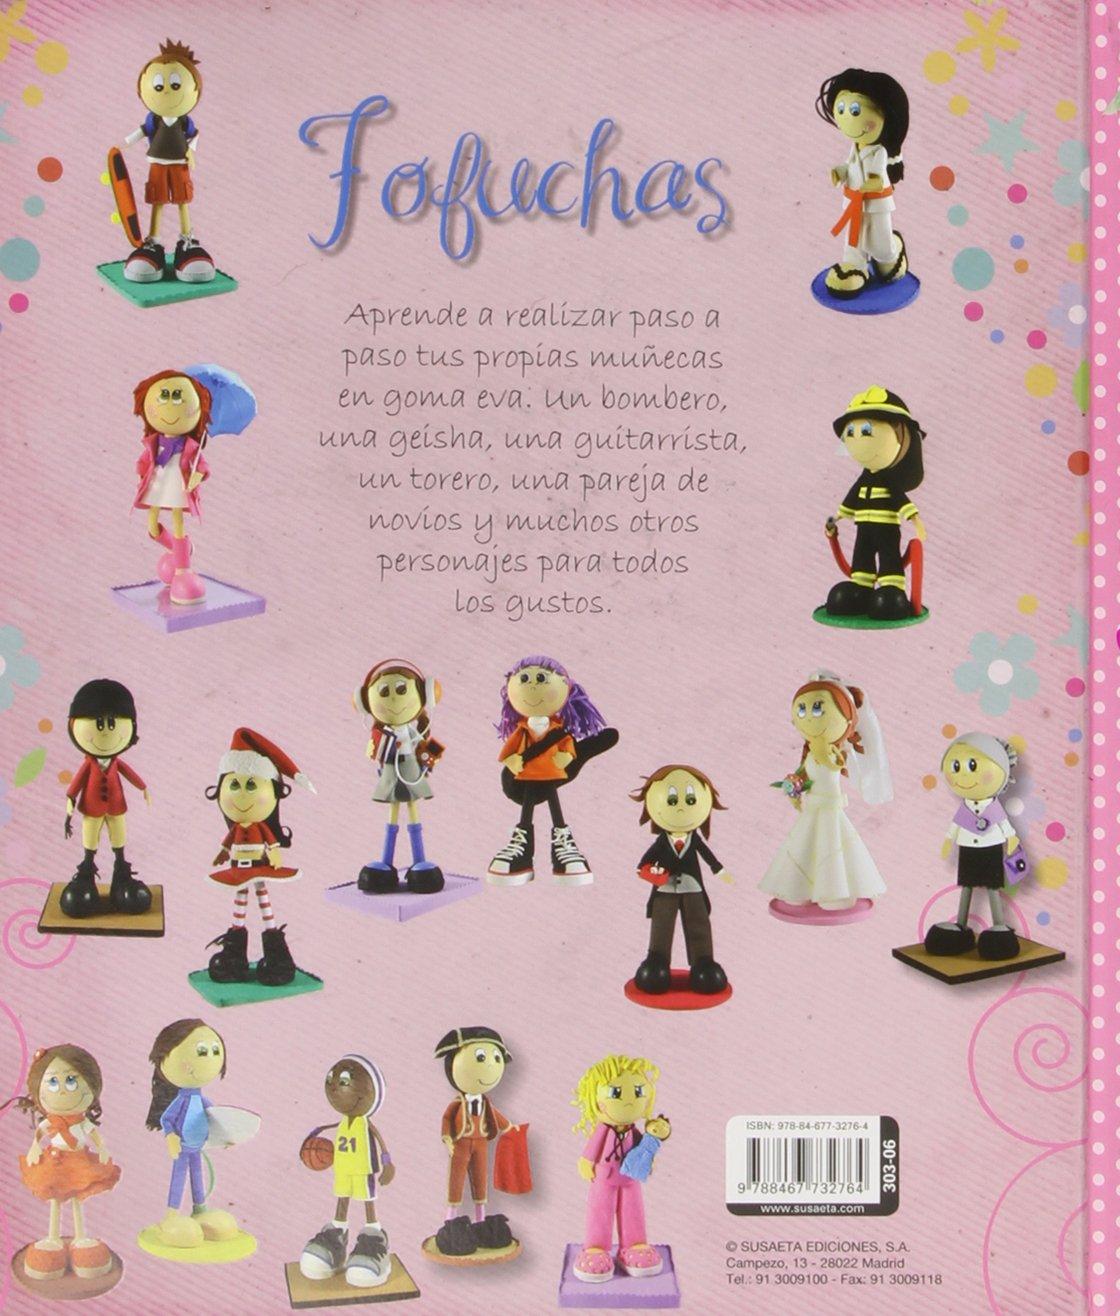 Fofuchas. Muñecas de goma EVA (100 manualidades): Amazon.es: Susaeta Ediciones SA: Libros